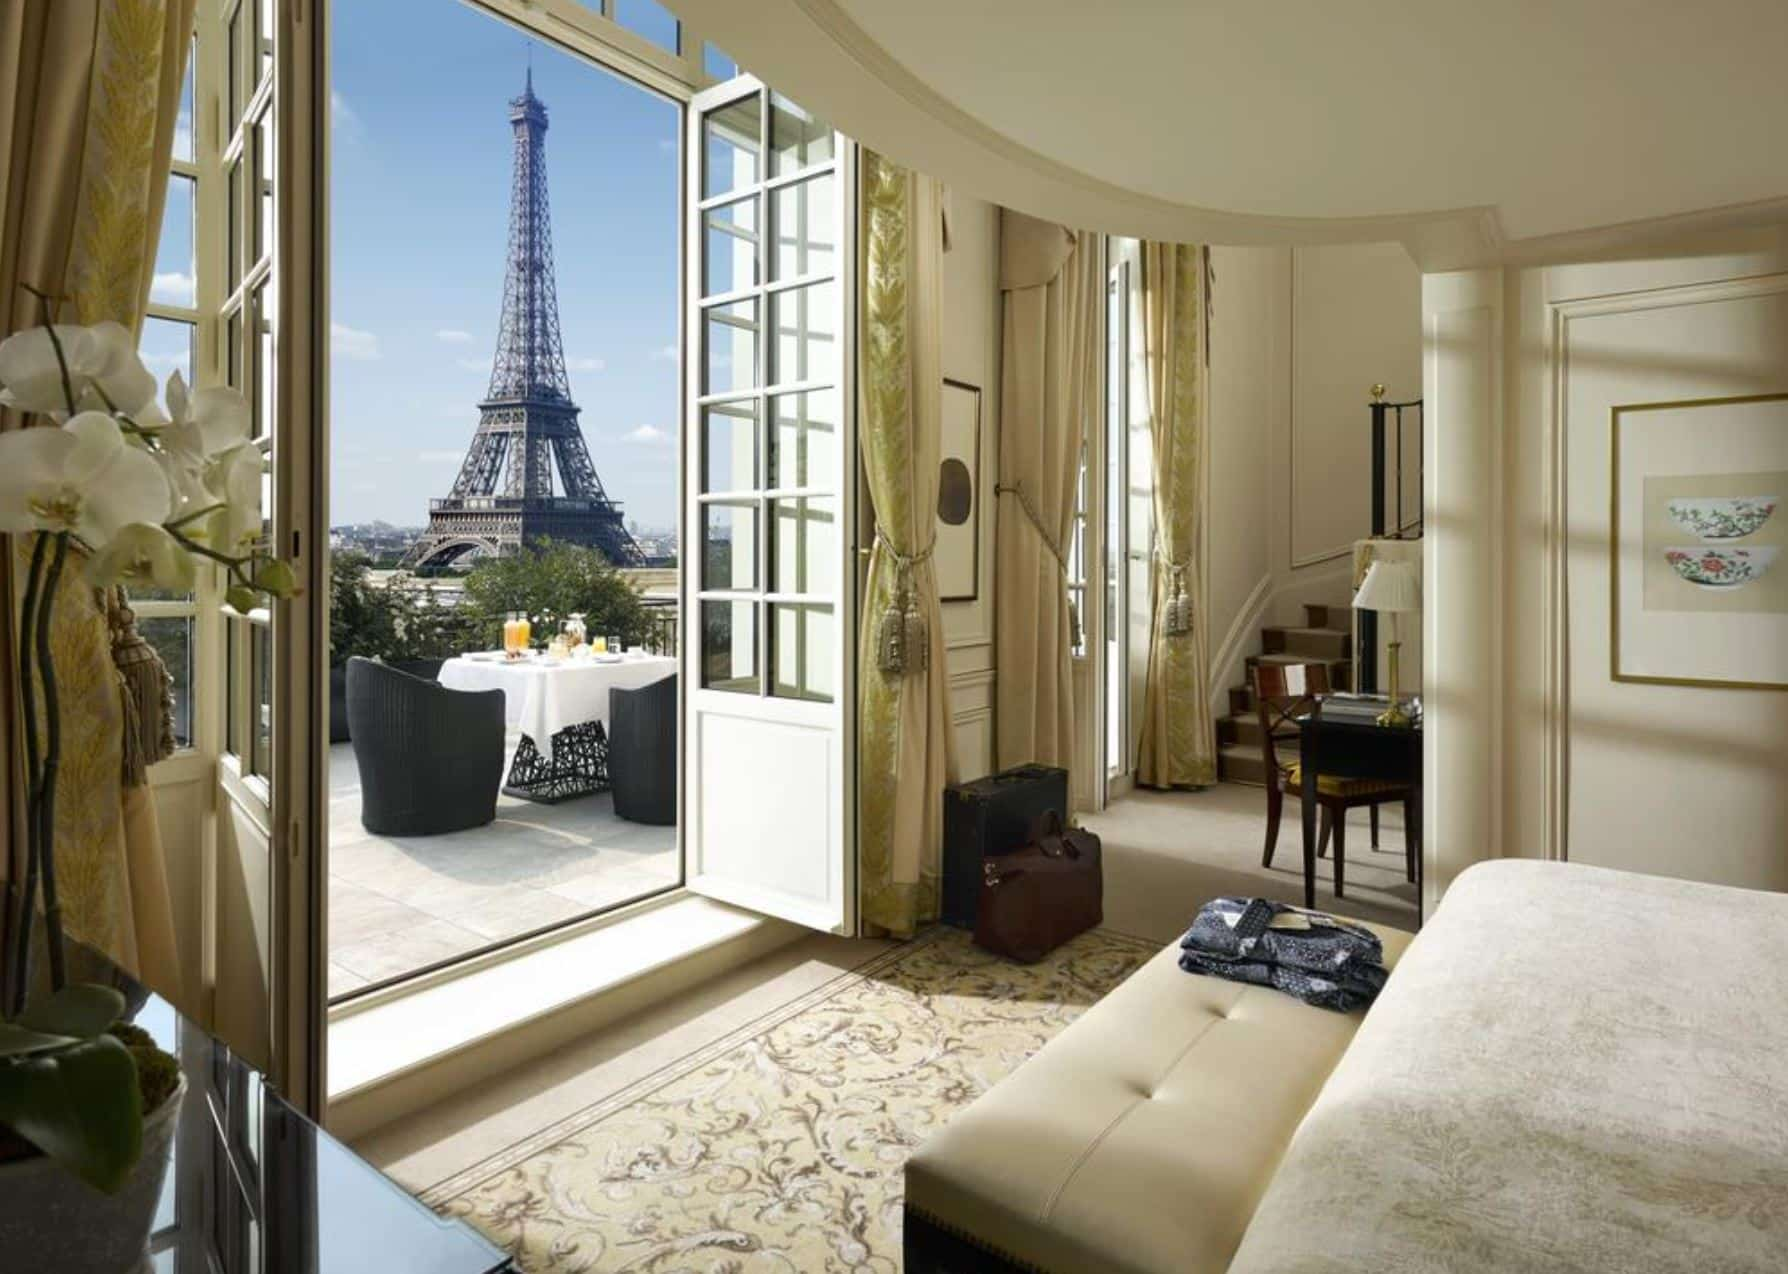 Shangri-la Hotel in Paris